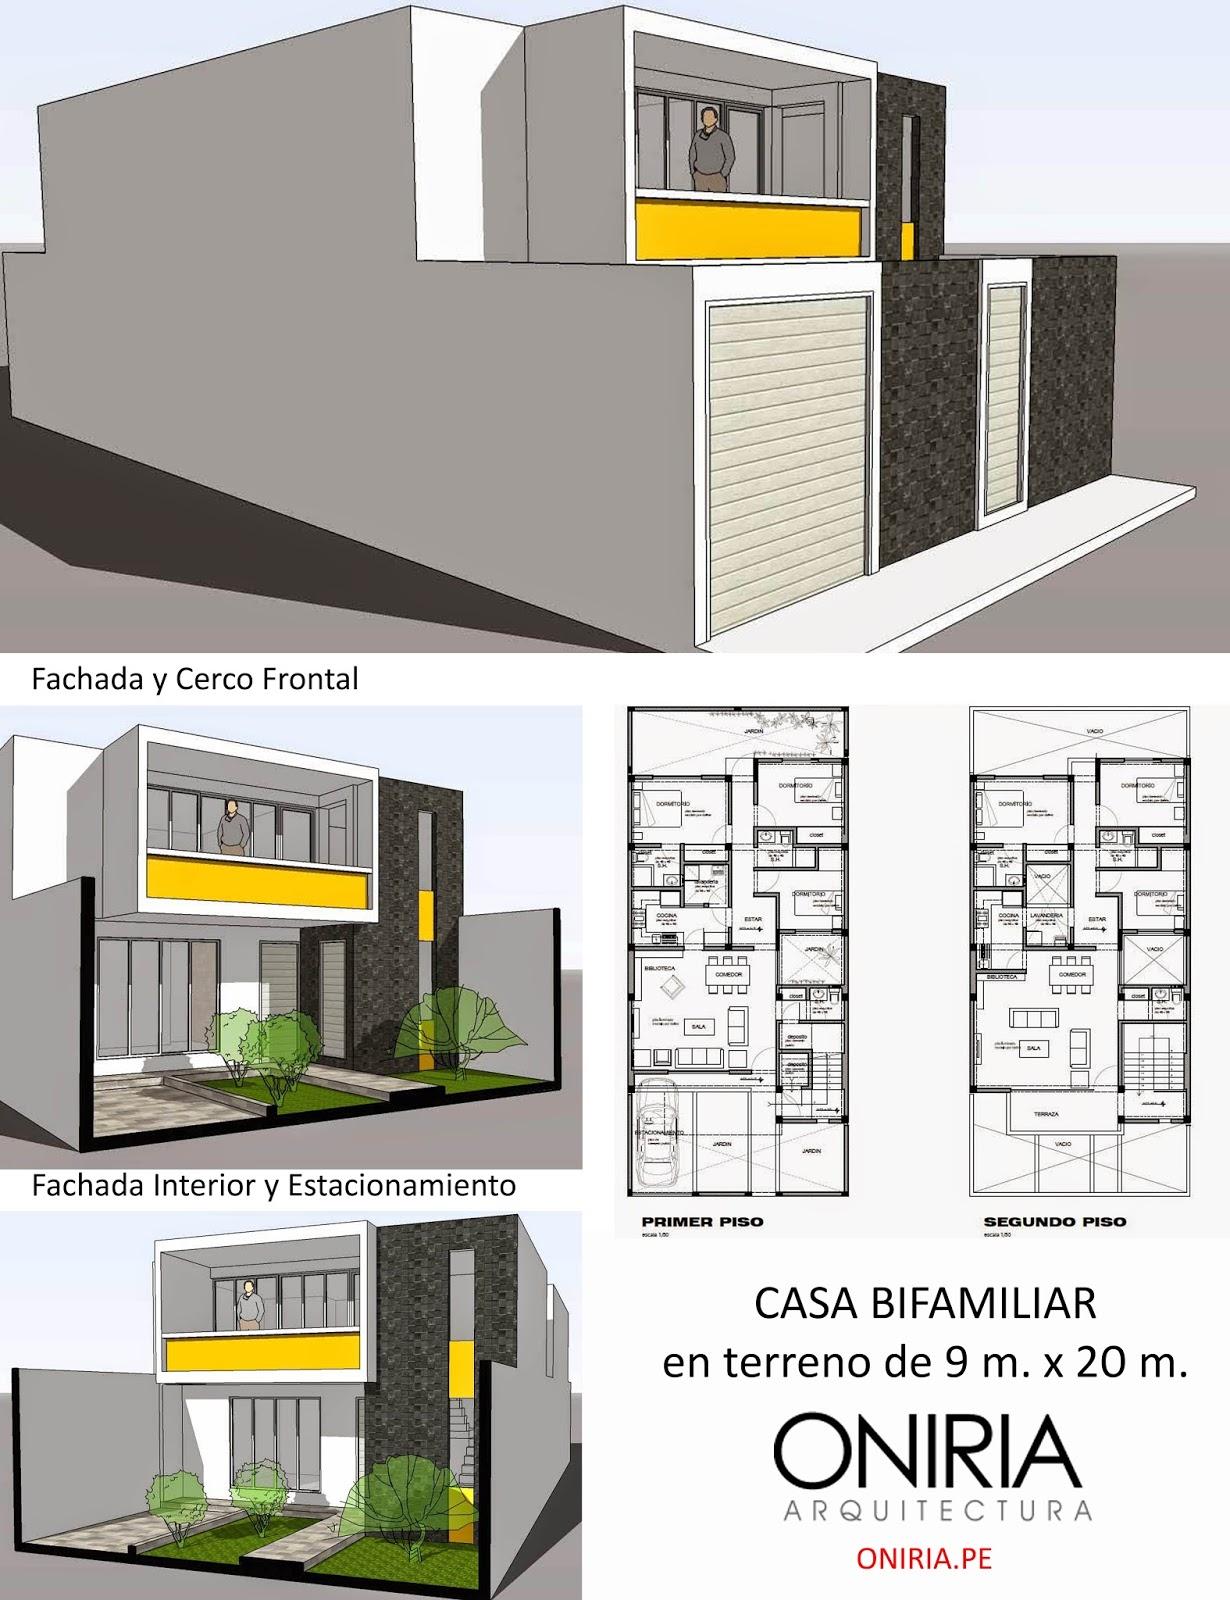 oniria casas bifamiliares en lotes de 9 x 20 m